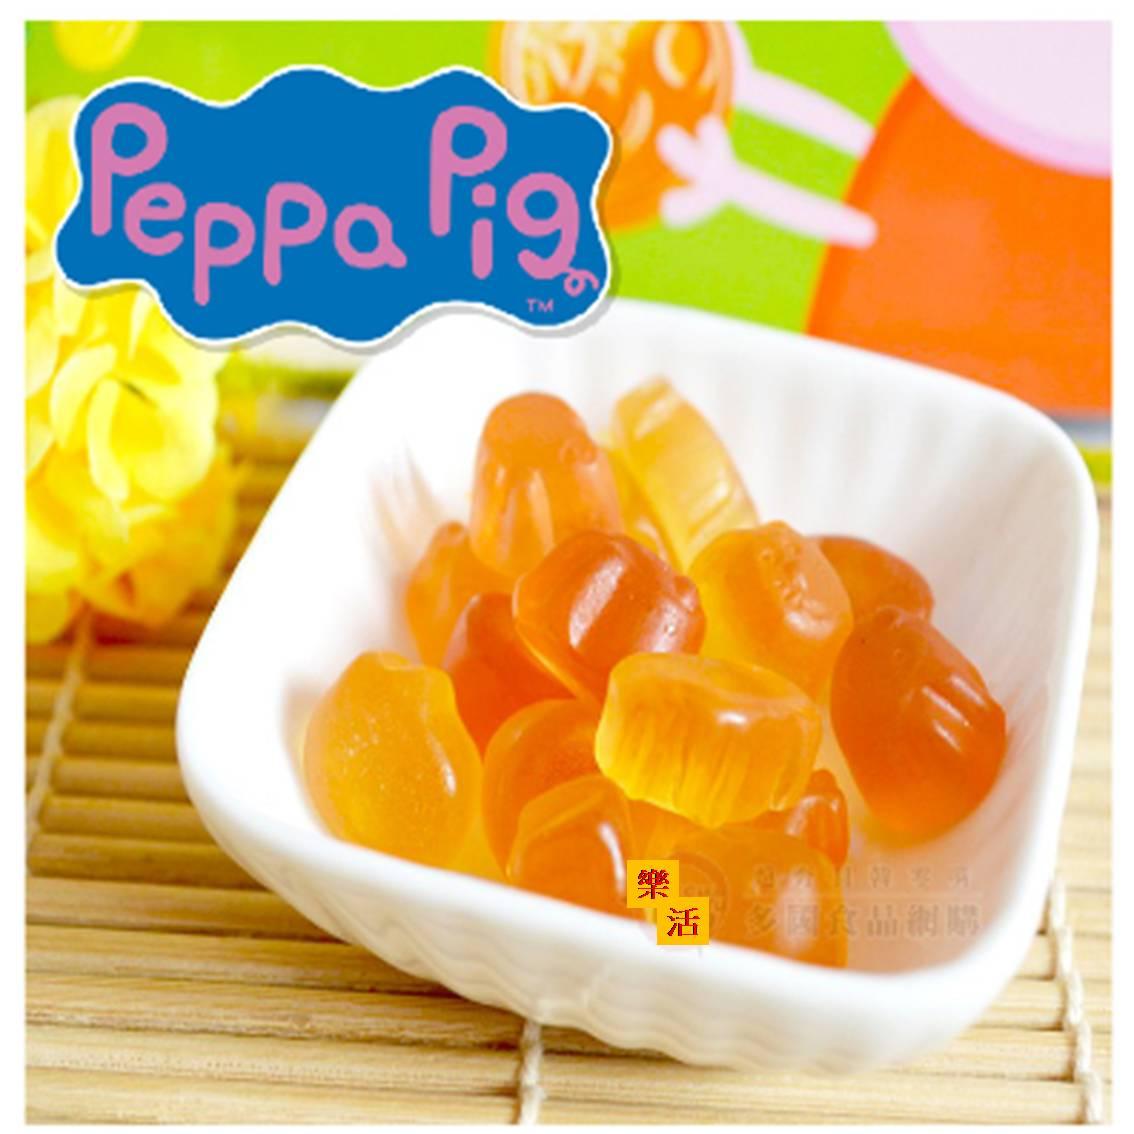 佩佩豬果汁軟糖 Peppa Pig (單包)18g 糖果  【樂活生活館】